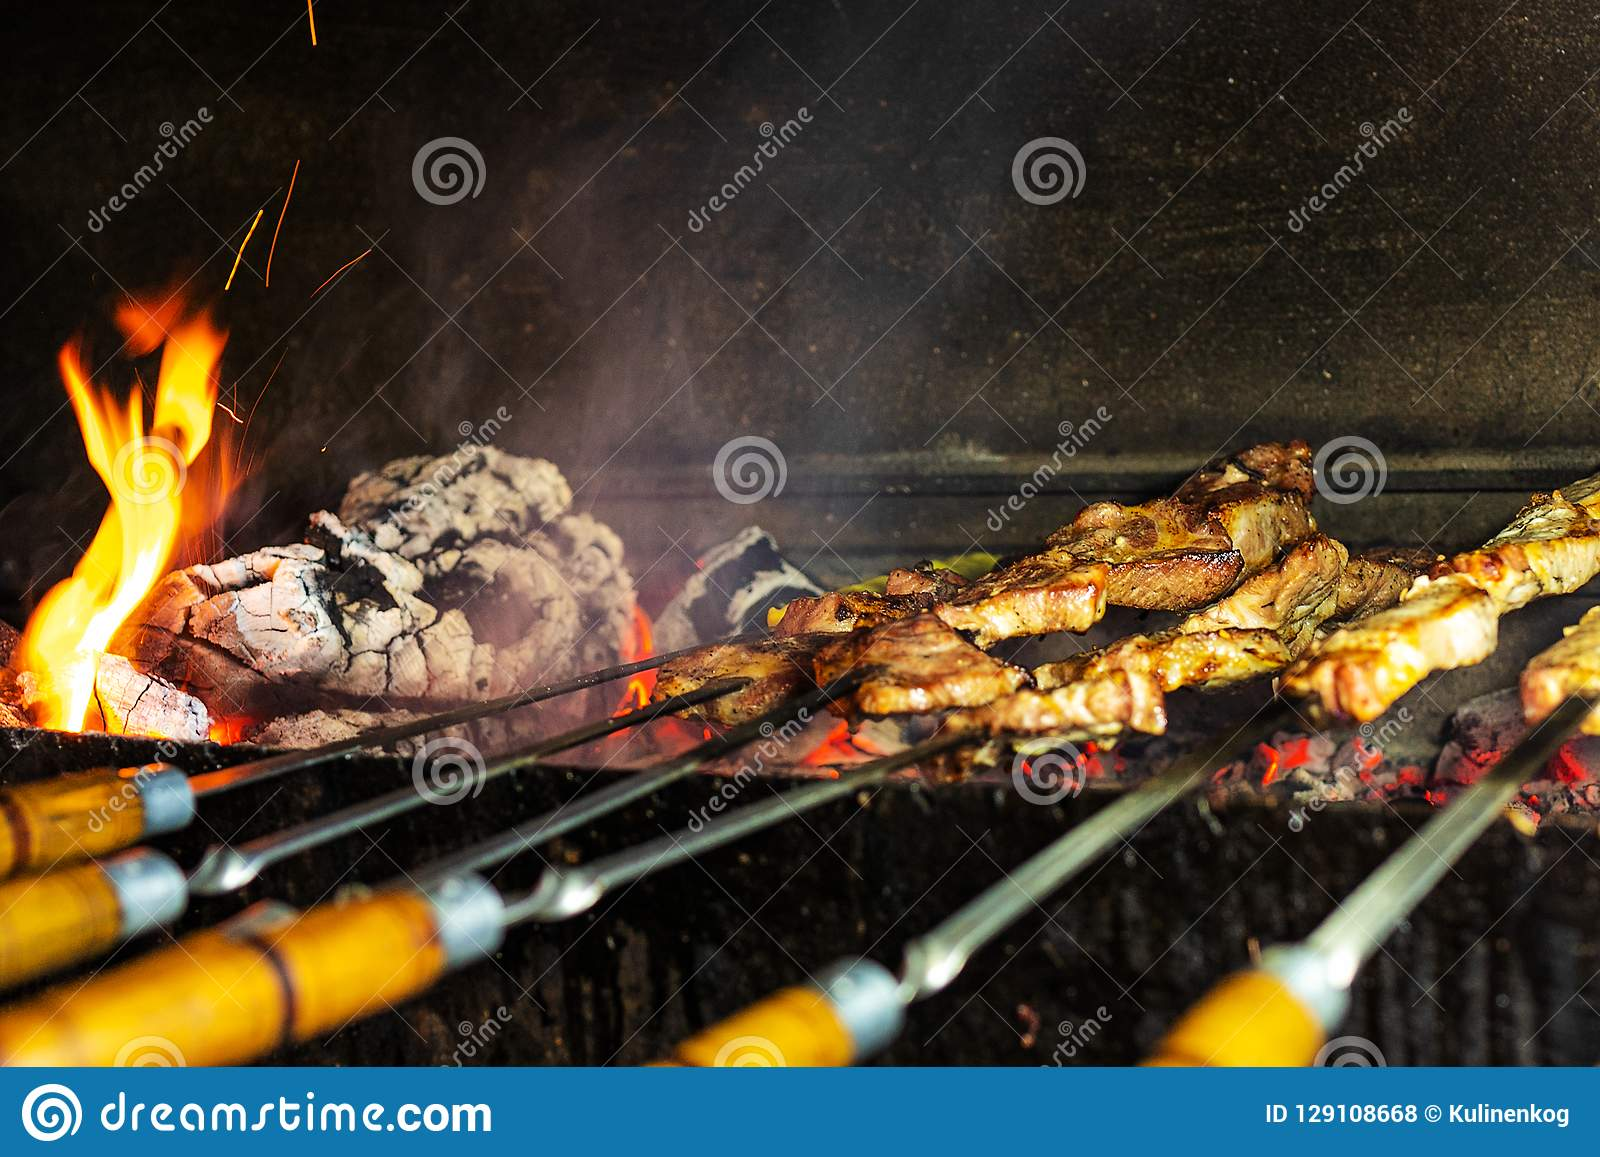 Grill w na wolnym powietrzu Shish kebab od wieprzowiny na węglach